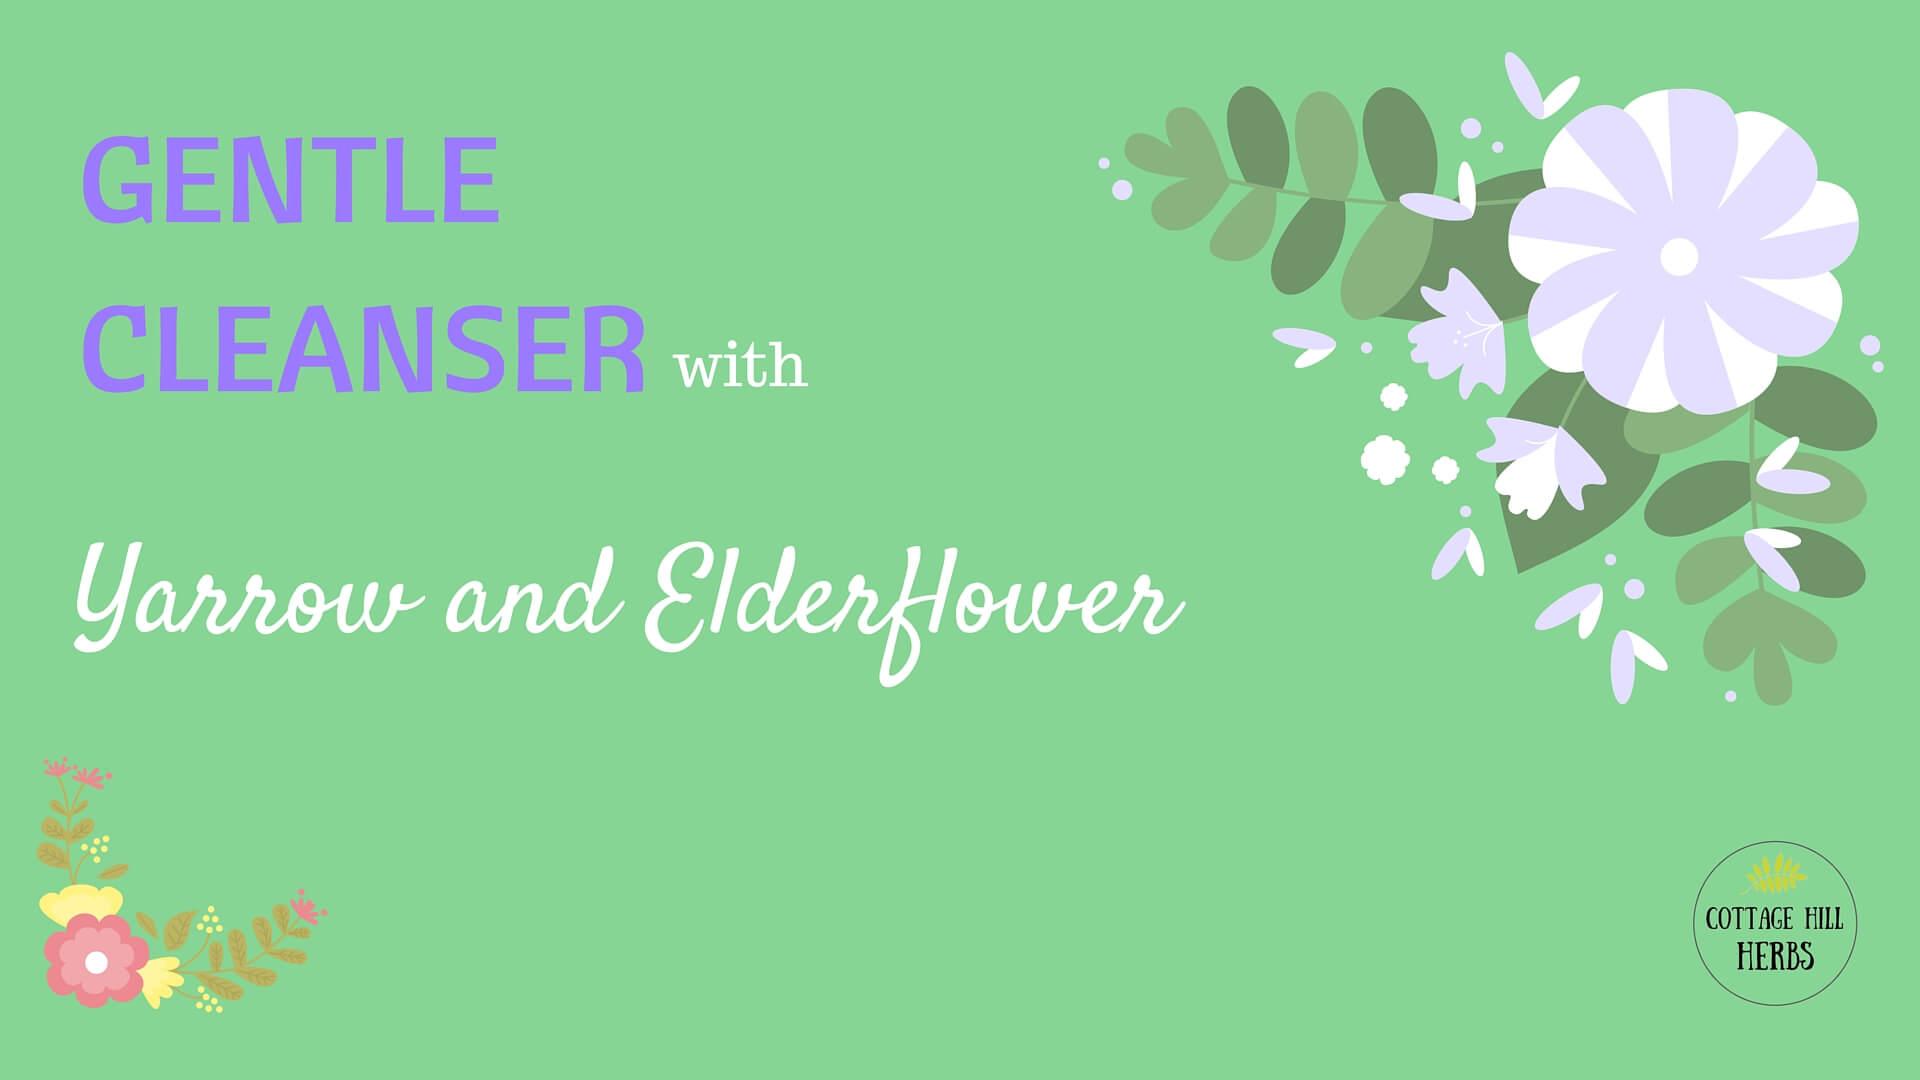 Yarrow and elderflower cleaner title image